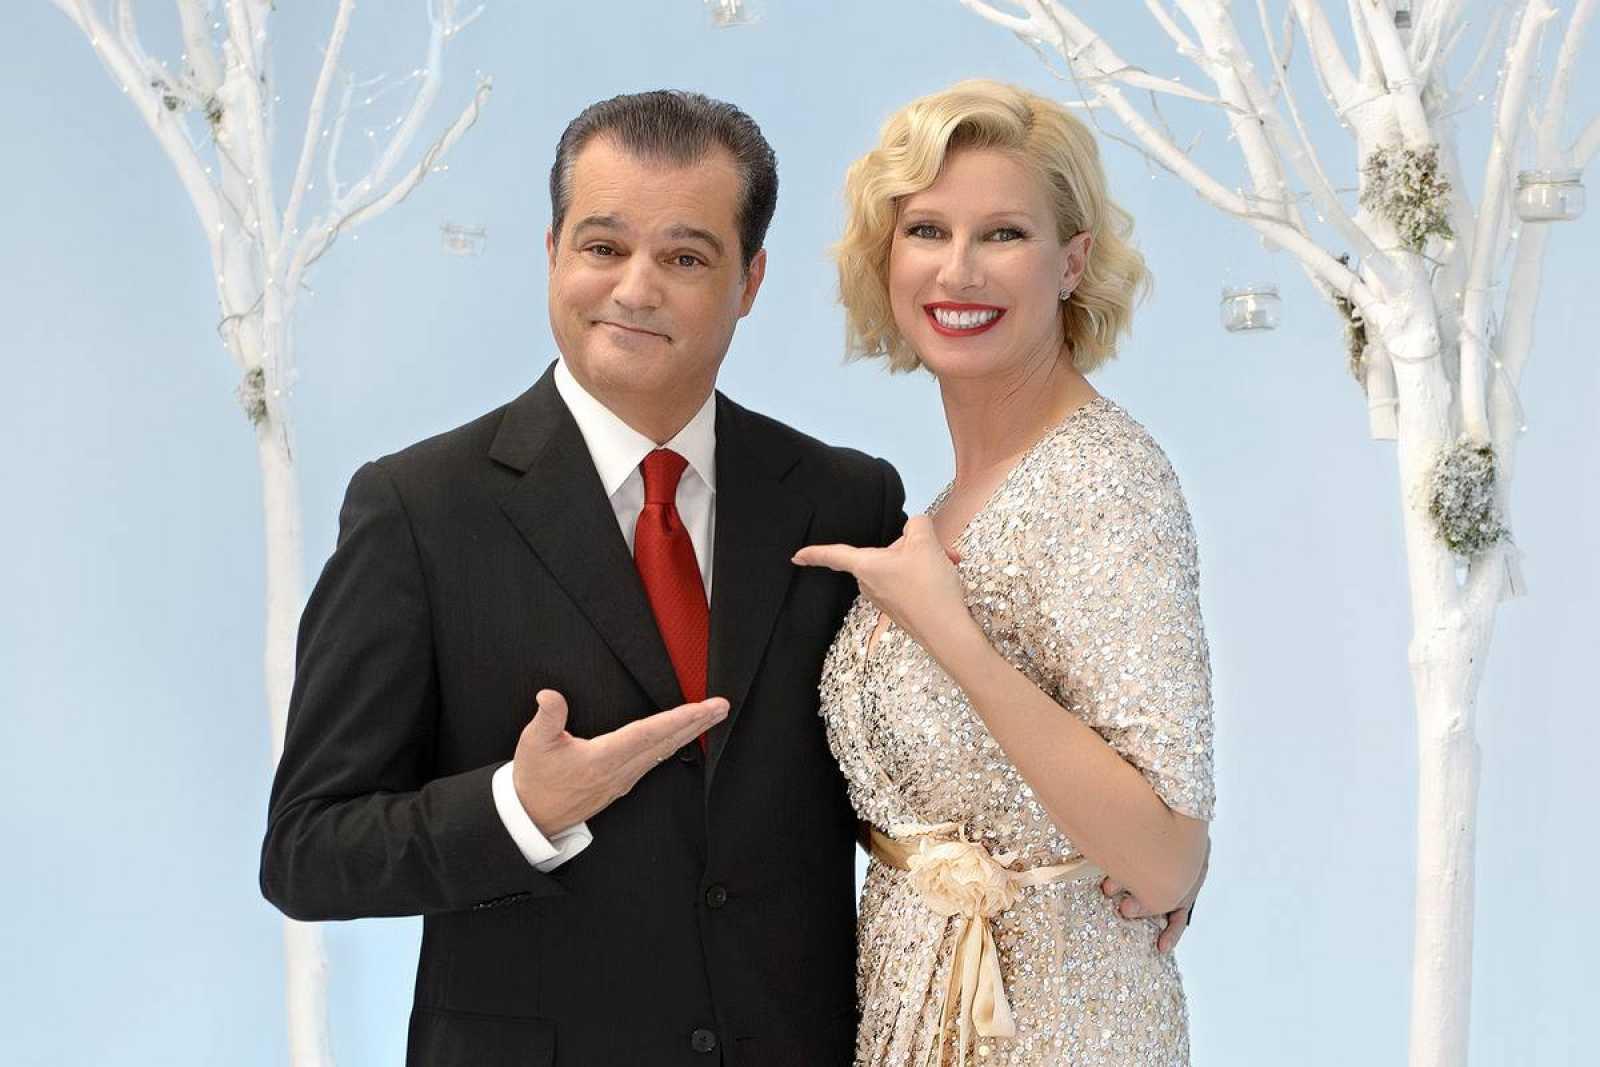 Anne Igartiiburu y Ramón García, los rostros de la Nochevieja en TVE